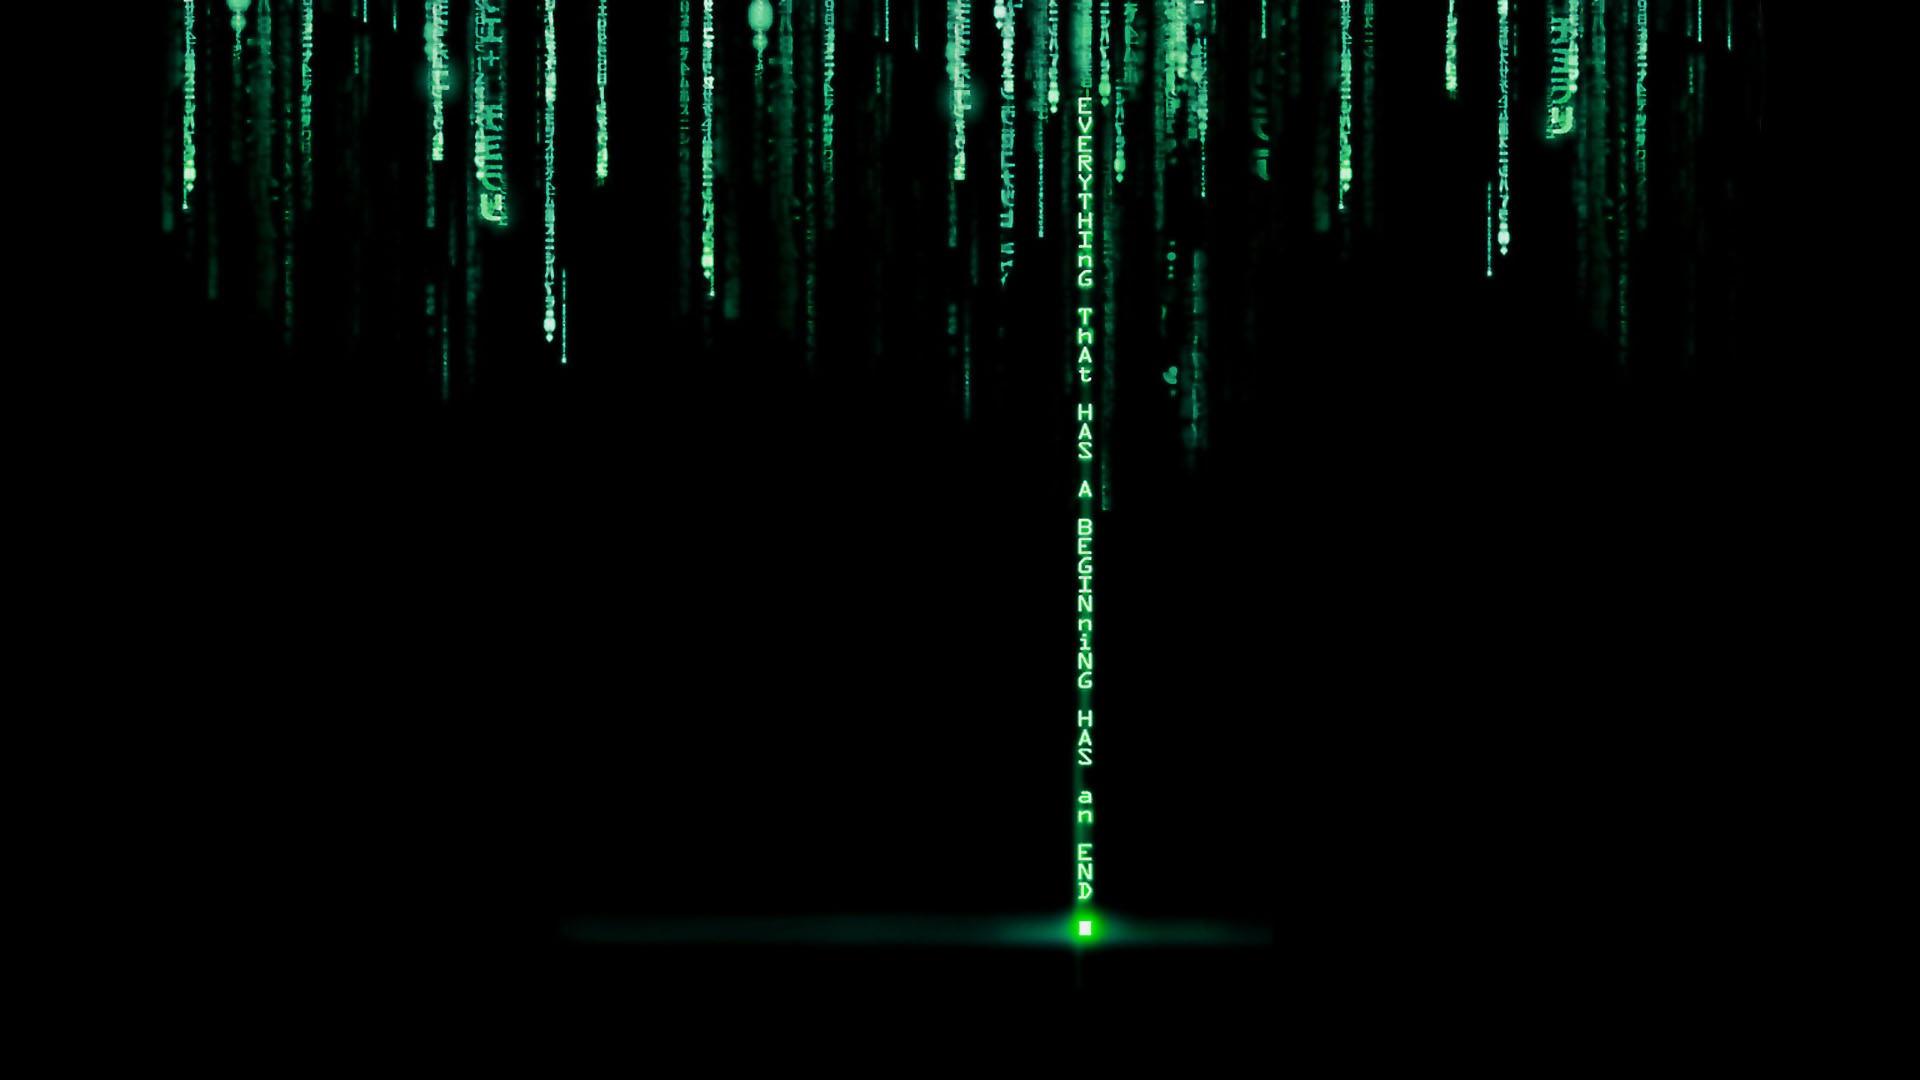 Matrix Code Wallpaper 1920x1080 Matrix Code 1920x1080